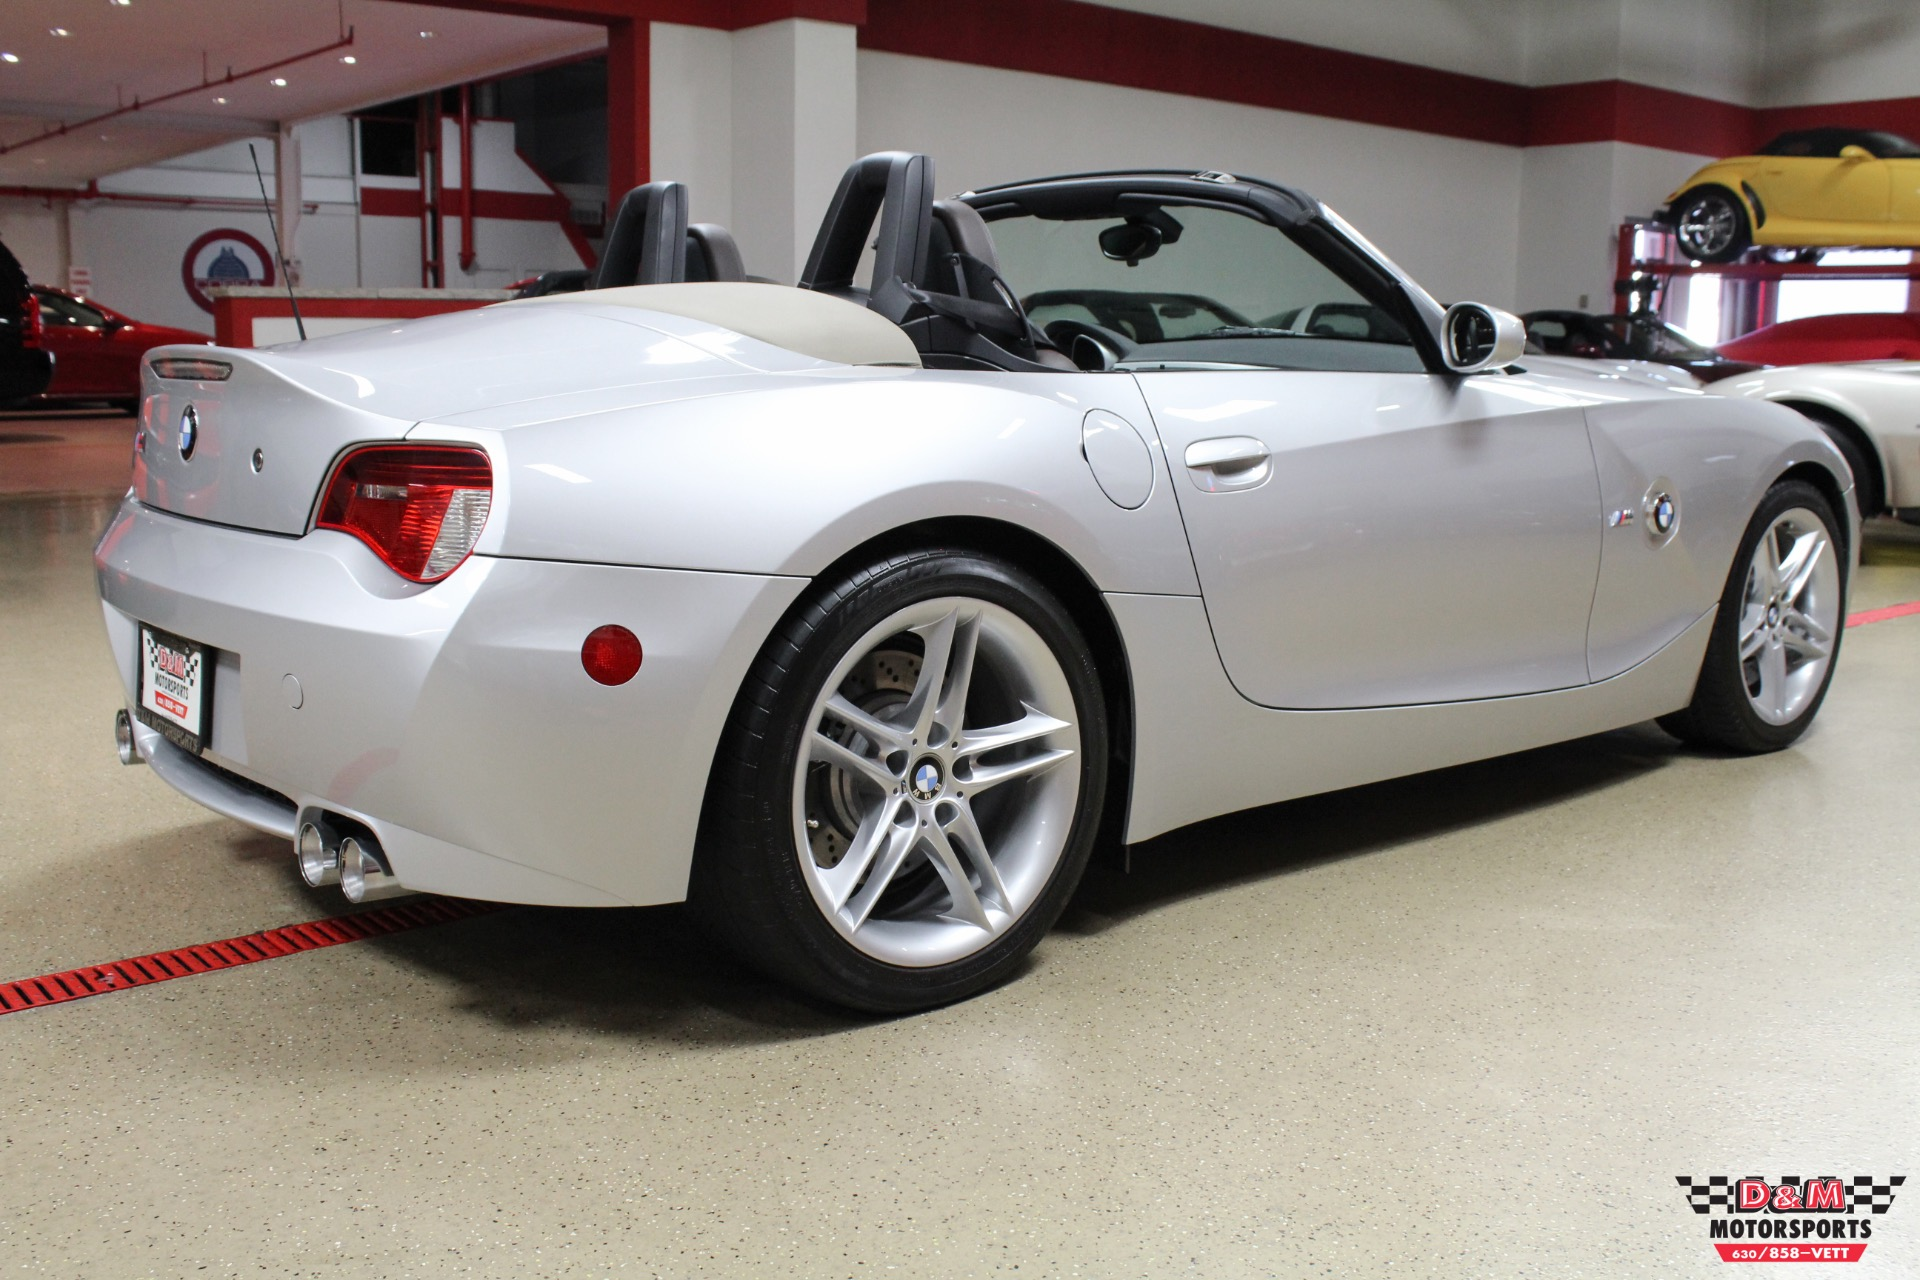 2006 BMW Z4 M Roadster Stock # M6066 for sale near Glen Ellyn, IL ...